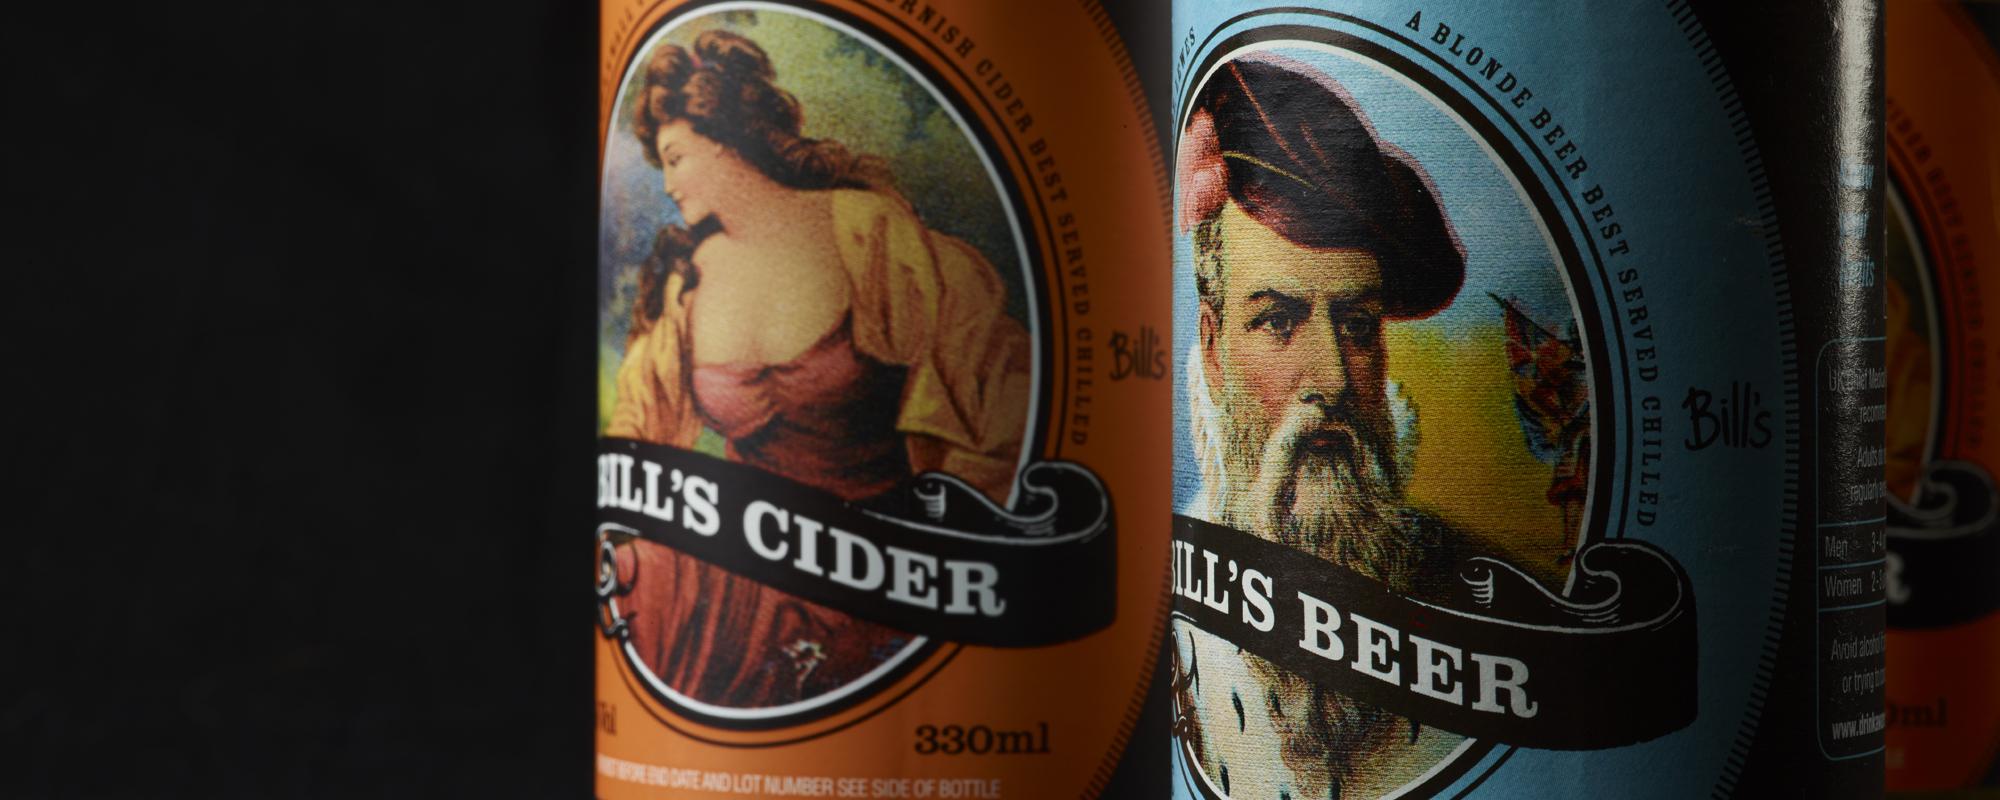 Bills_Beer_Banner.jpg